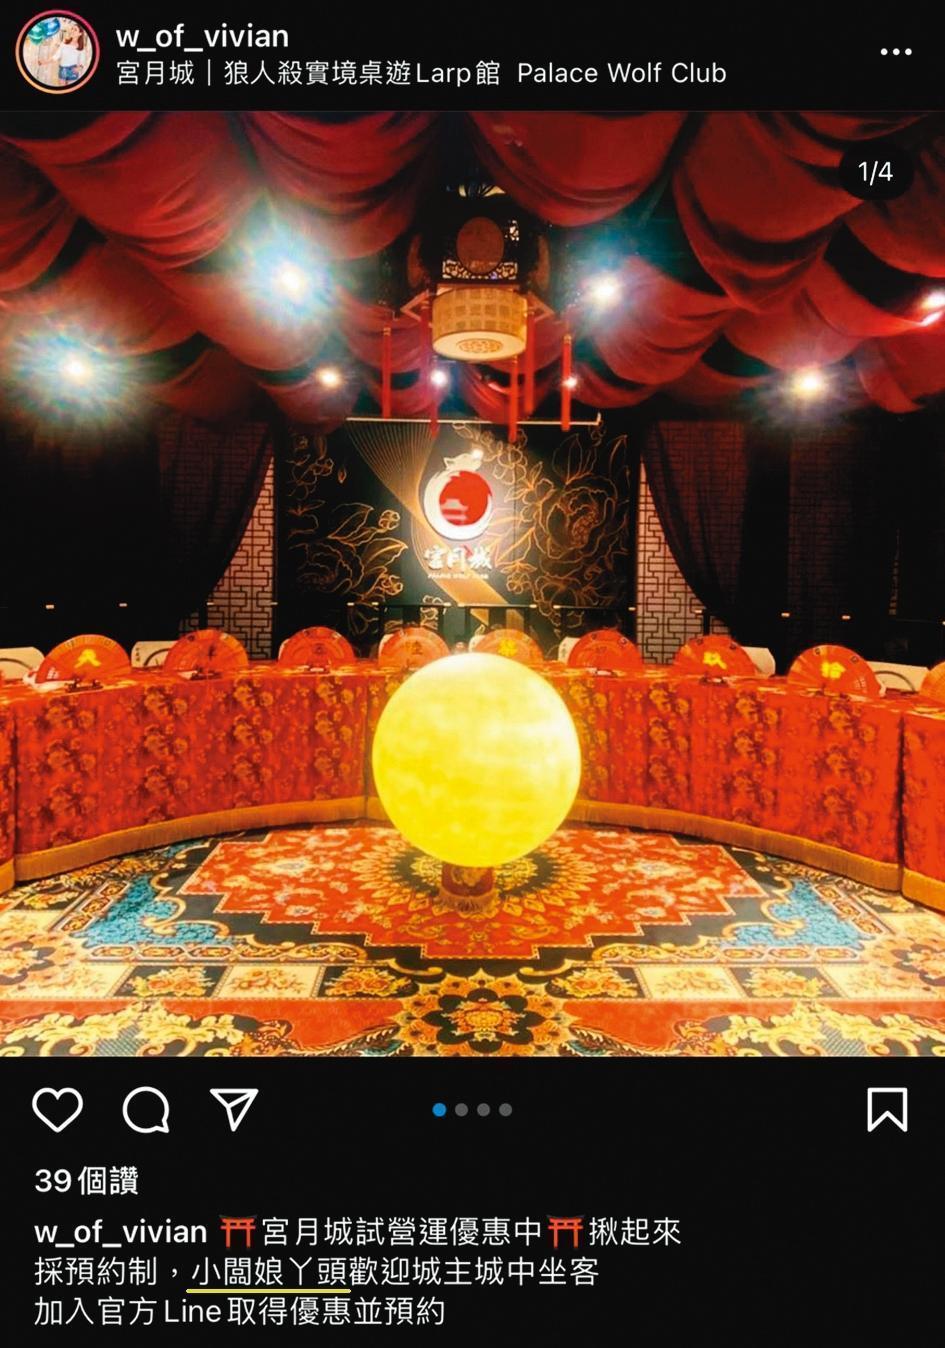 黃霈麒在私人IG稱呼ㄚ頭為小闆娘為桌遊店宣傳。(翻攝自黃霈麒IG)